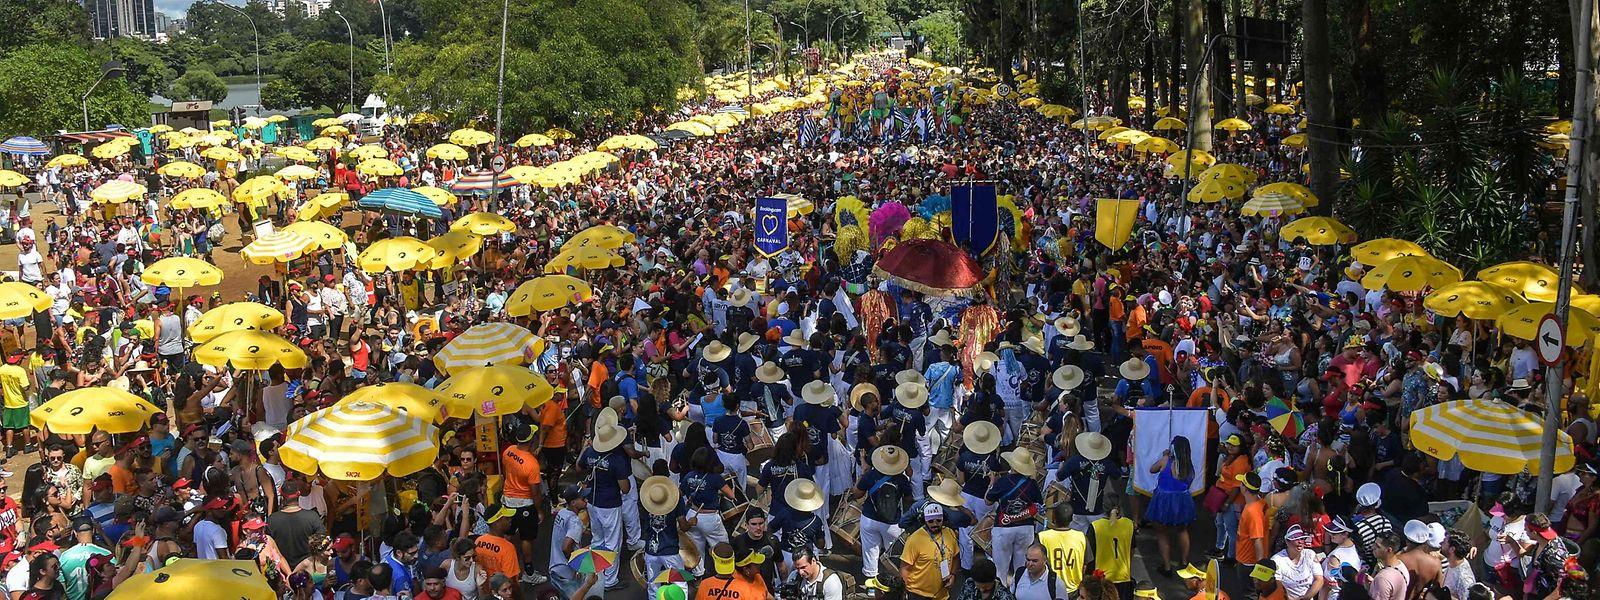 In São Paulo fand am Dienstag die traditionelle Karnevalsparade statt. Am Mittwoch bestimmte das Corona-Virus die Schlagzeilen.